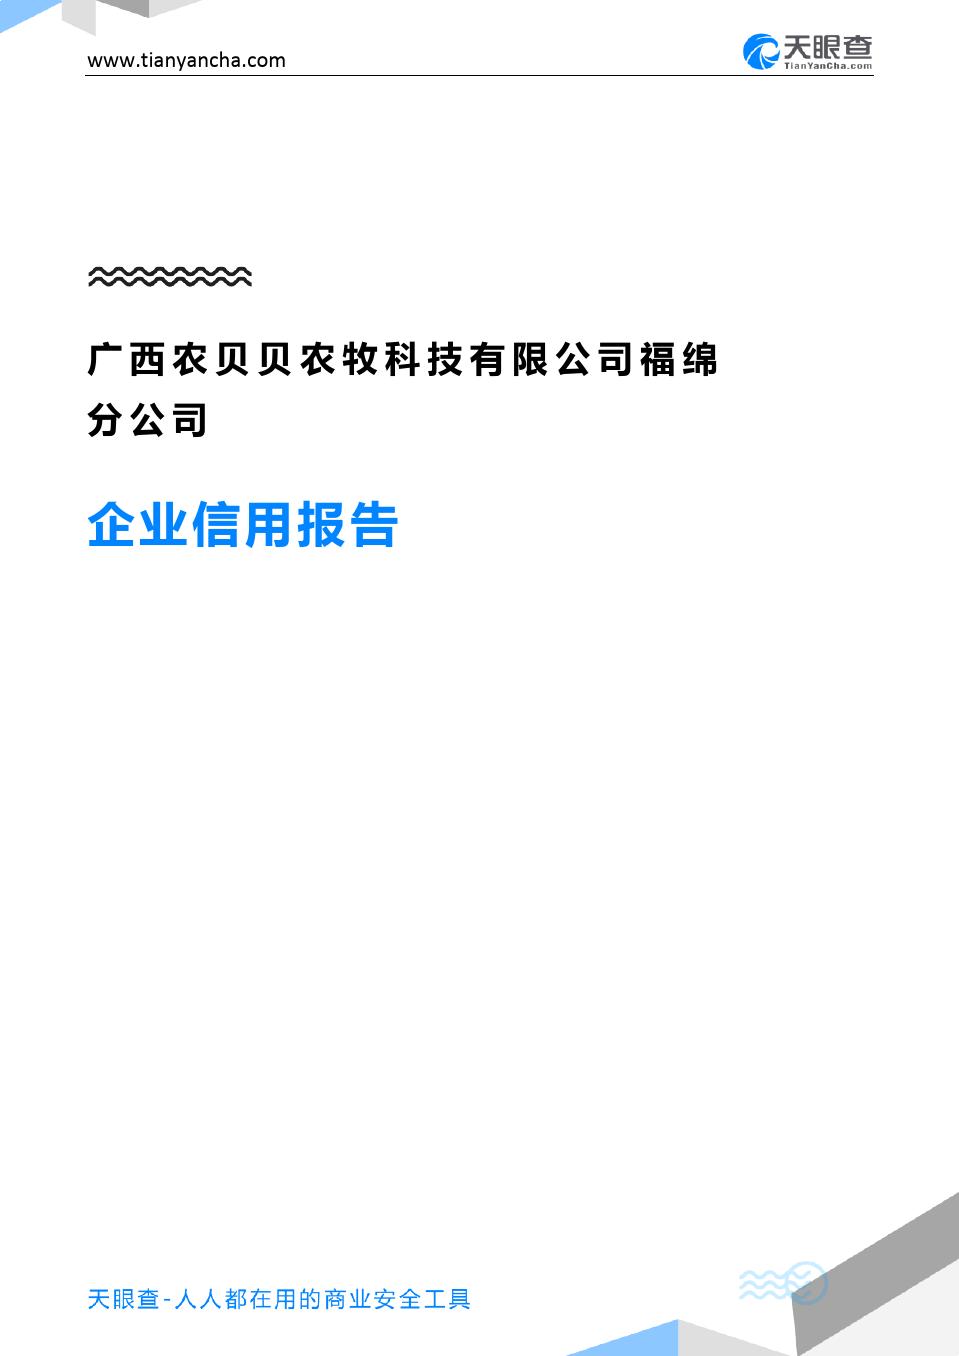 广西农贝贝农牧科技有限公司福绵分公司企业信用报告-天眼查